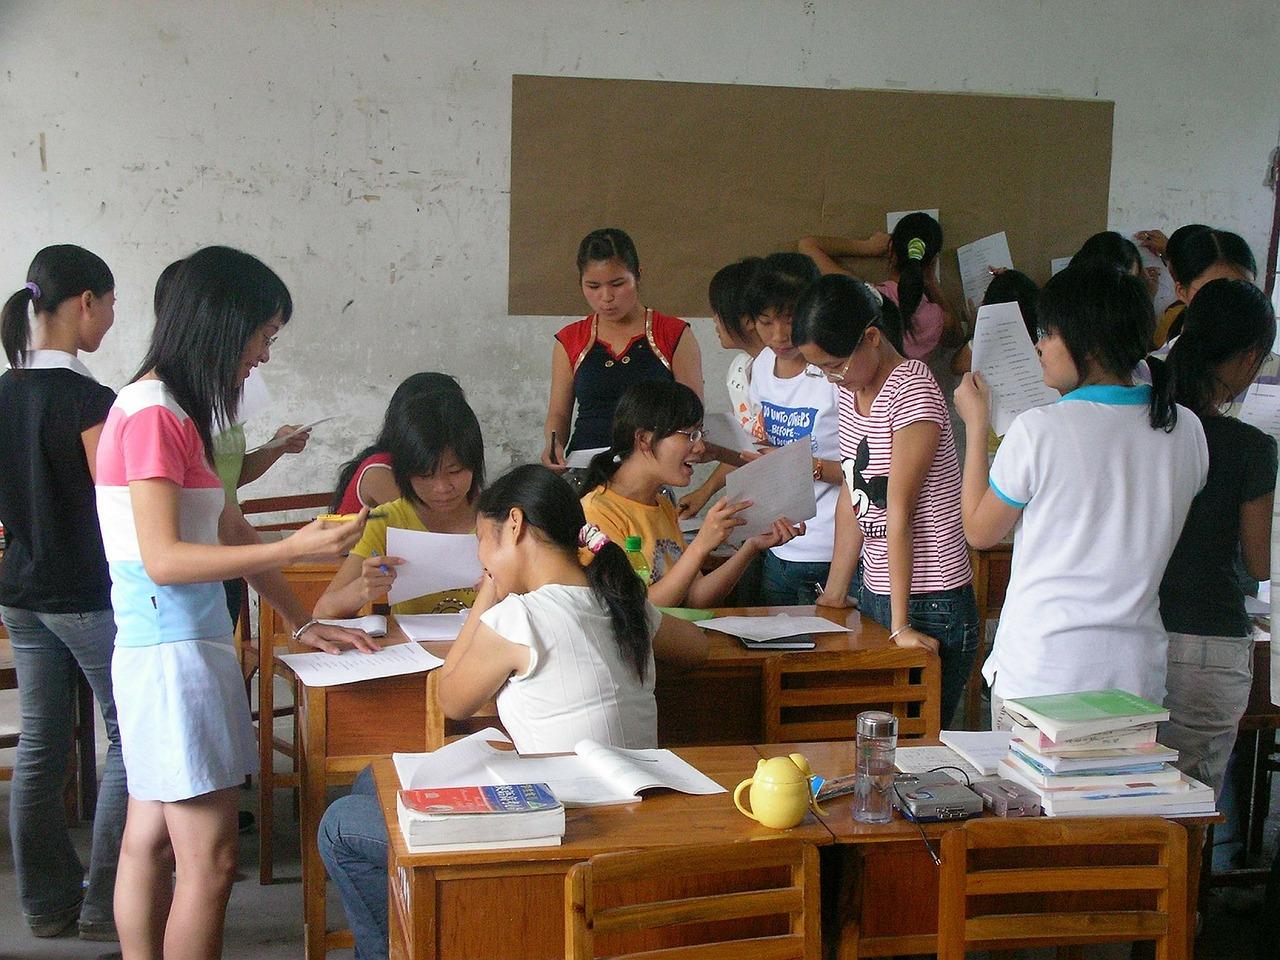 Dodatkowe zajęcia pozaszkolne